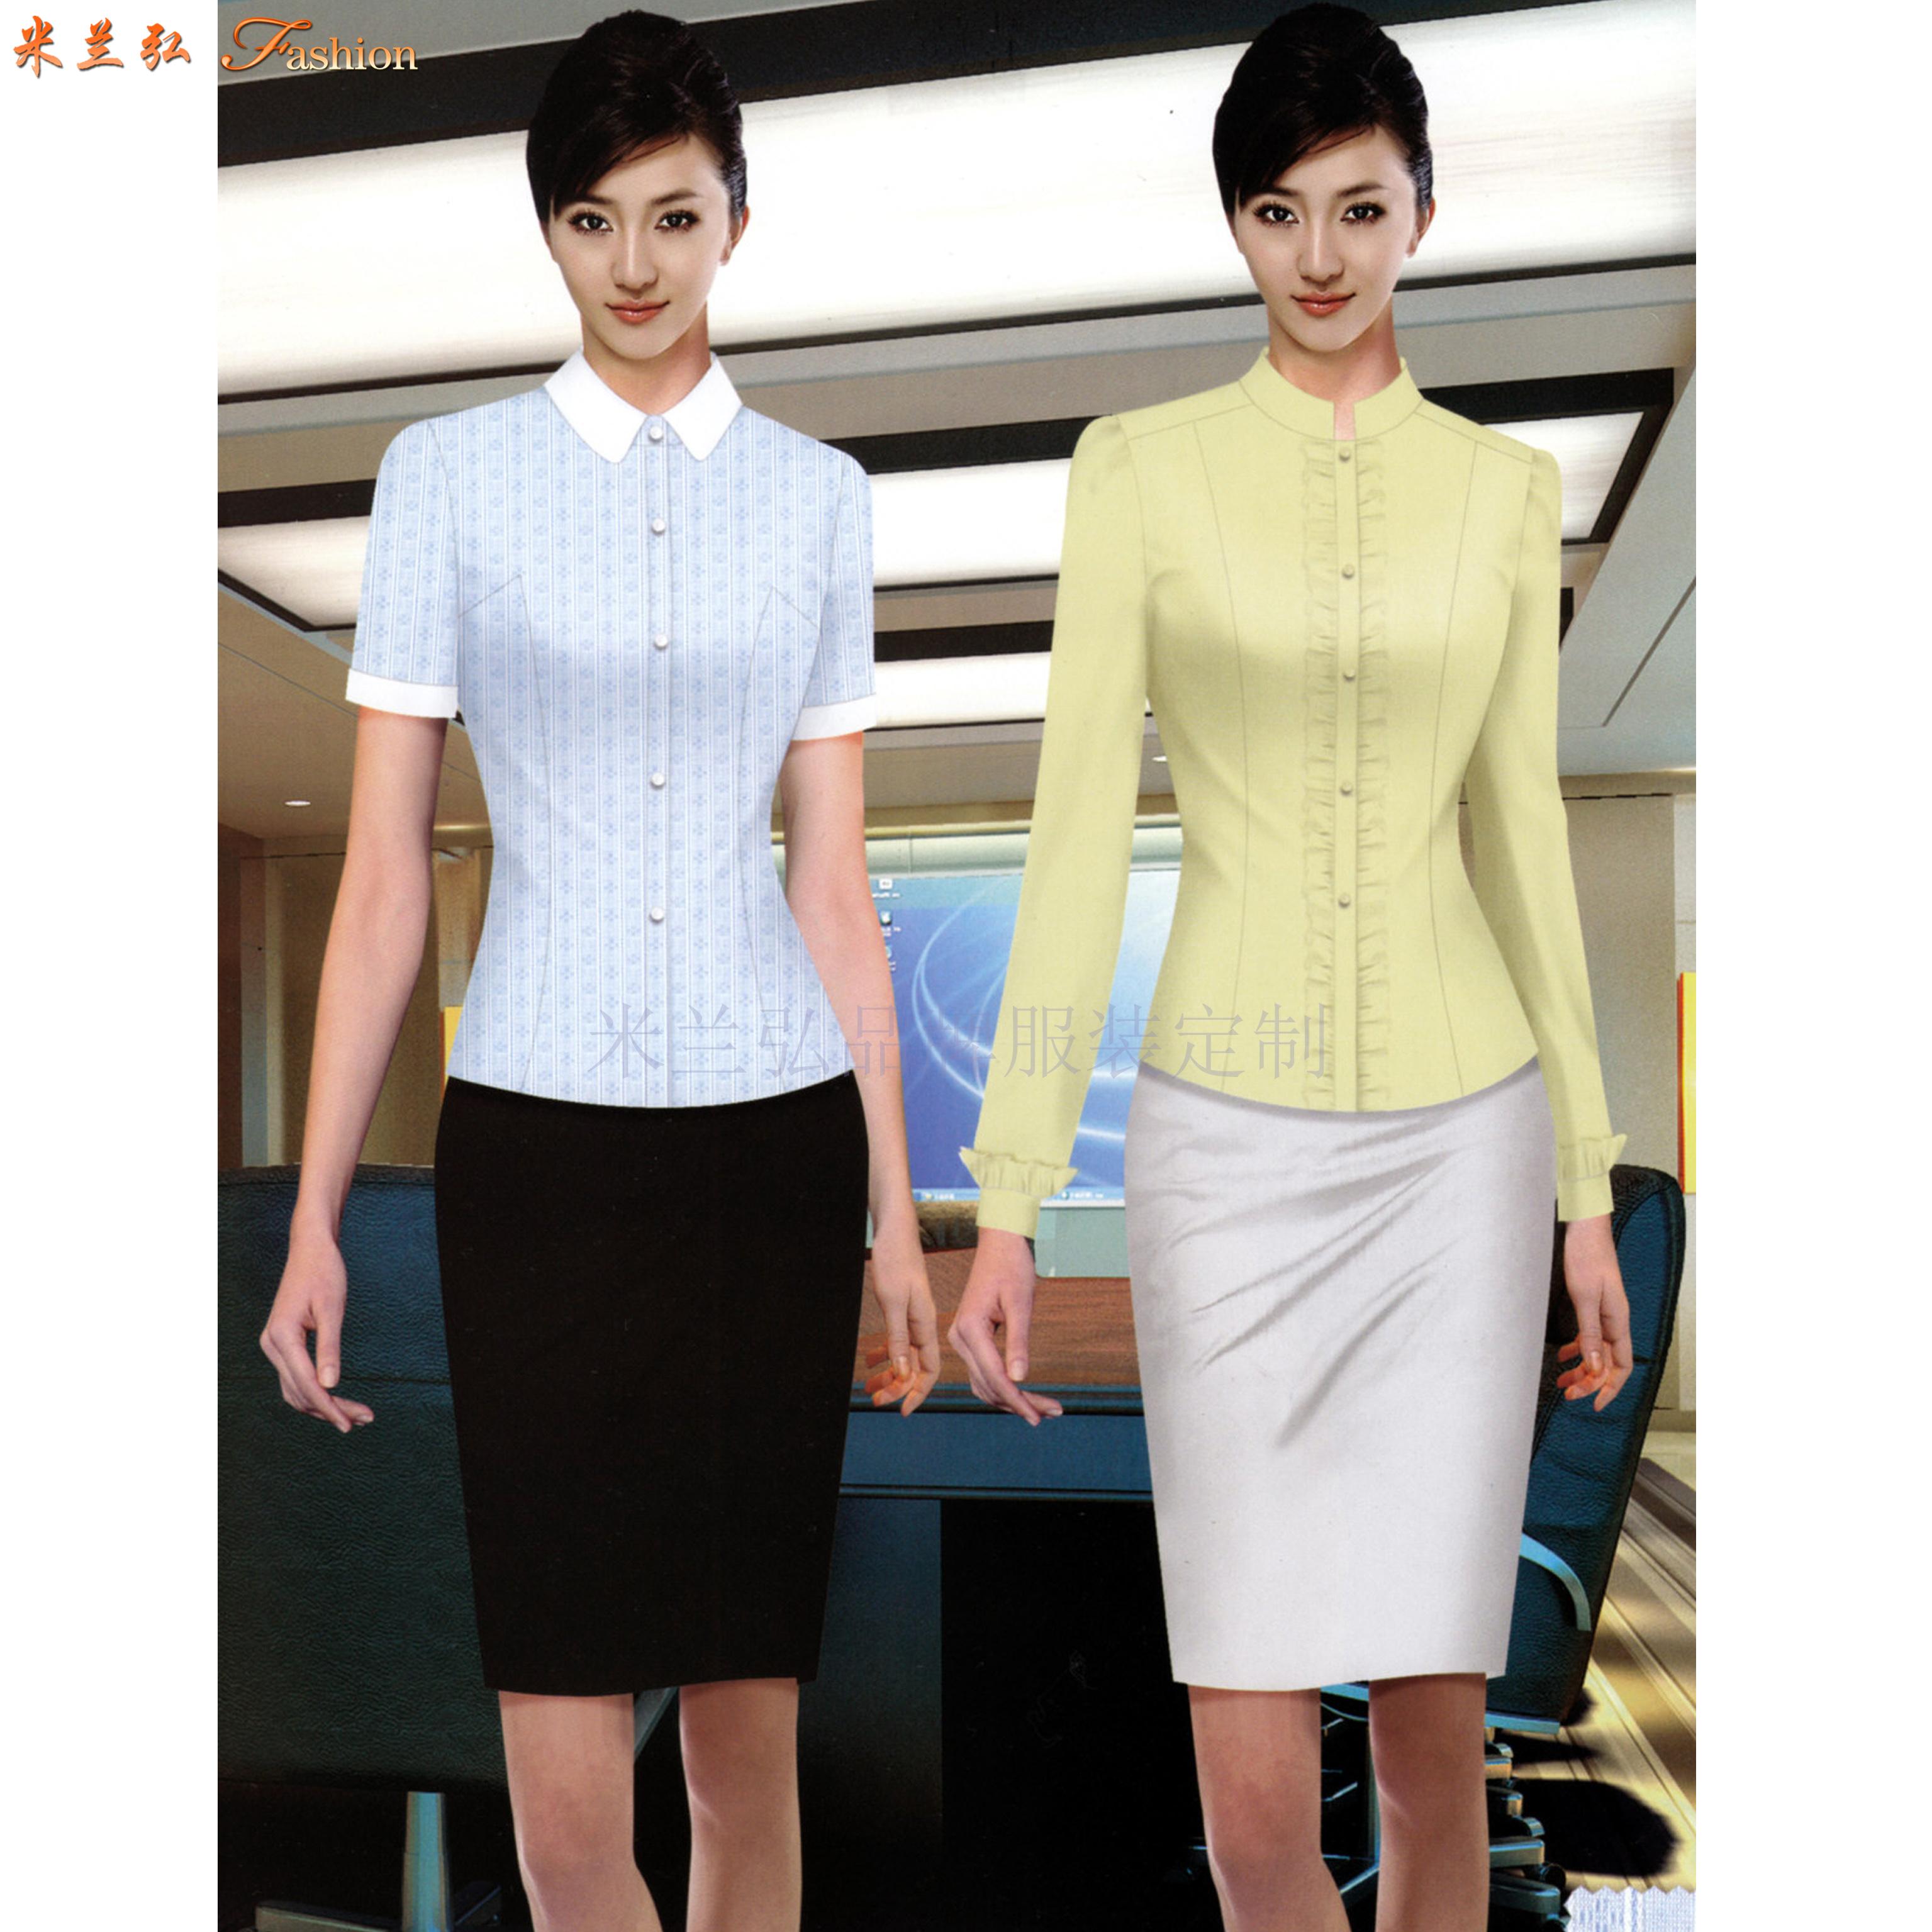 北京襯衫定制_北京襯衫訂做-米蘭弘服裝廠家-1